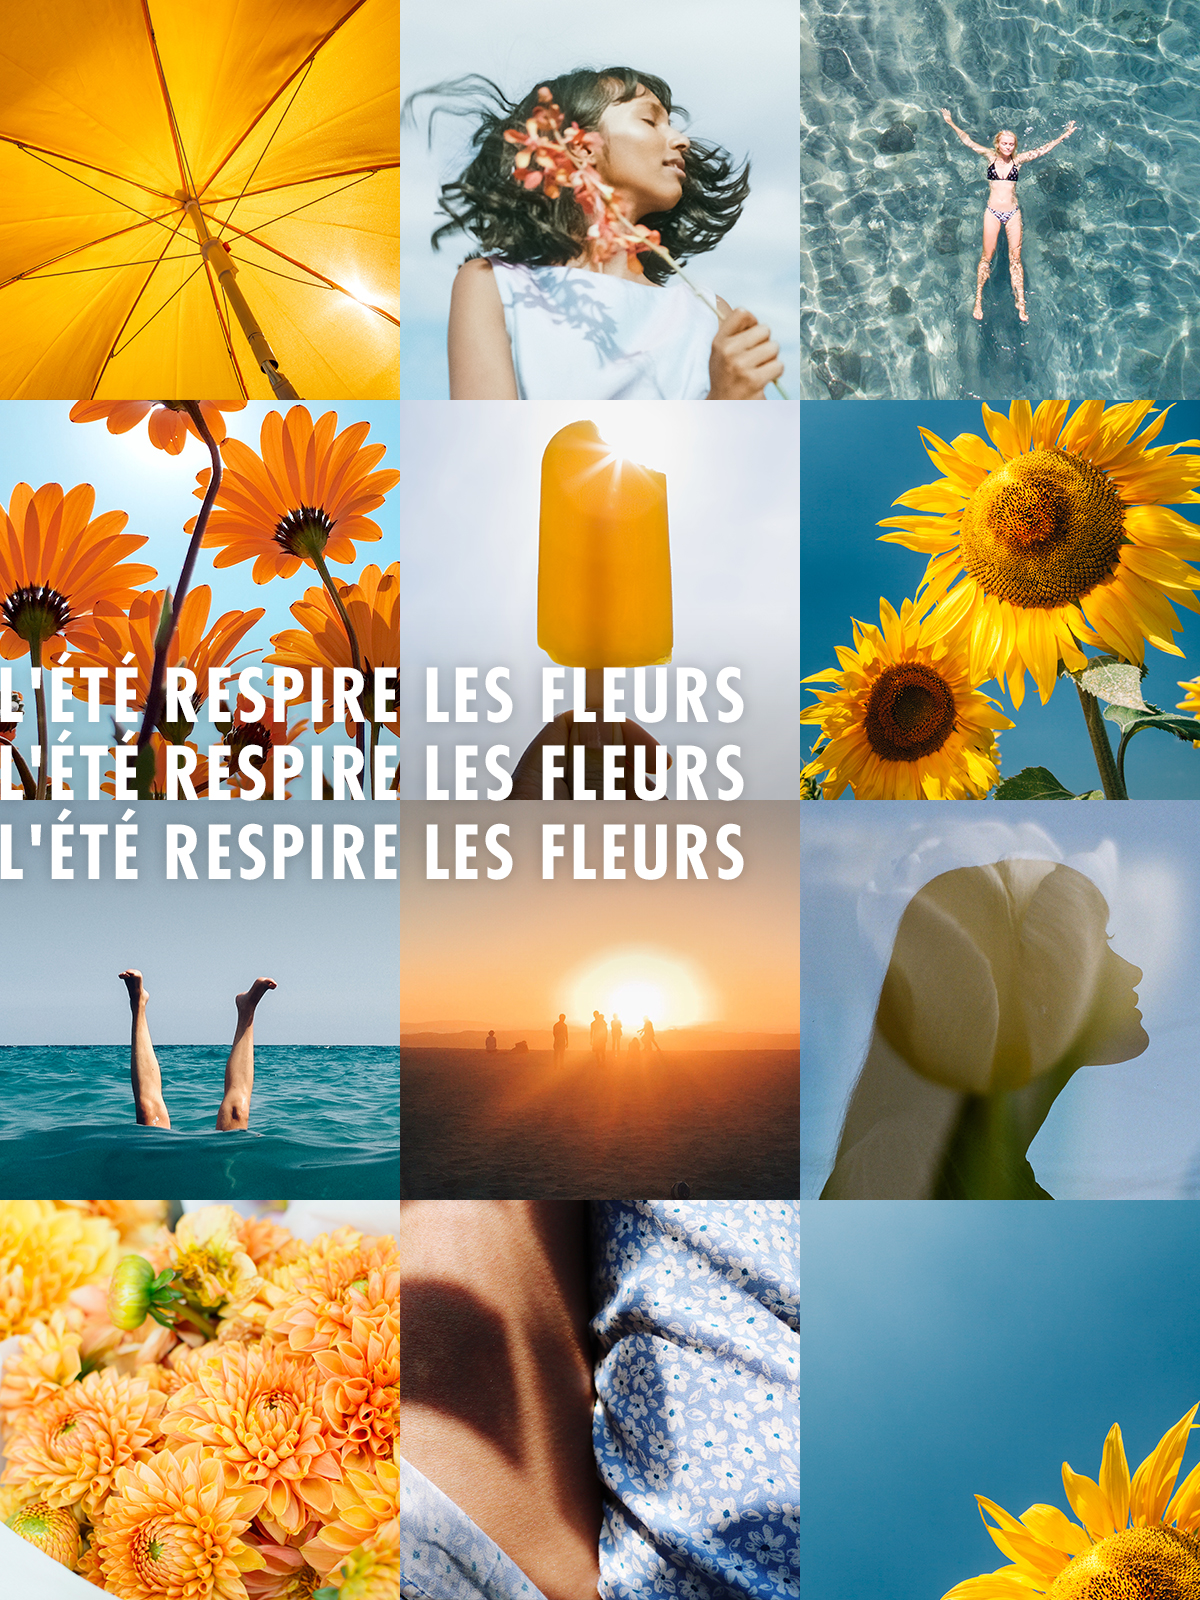 L'été respire les fleurs